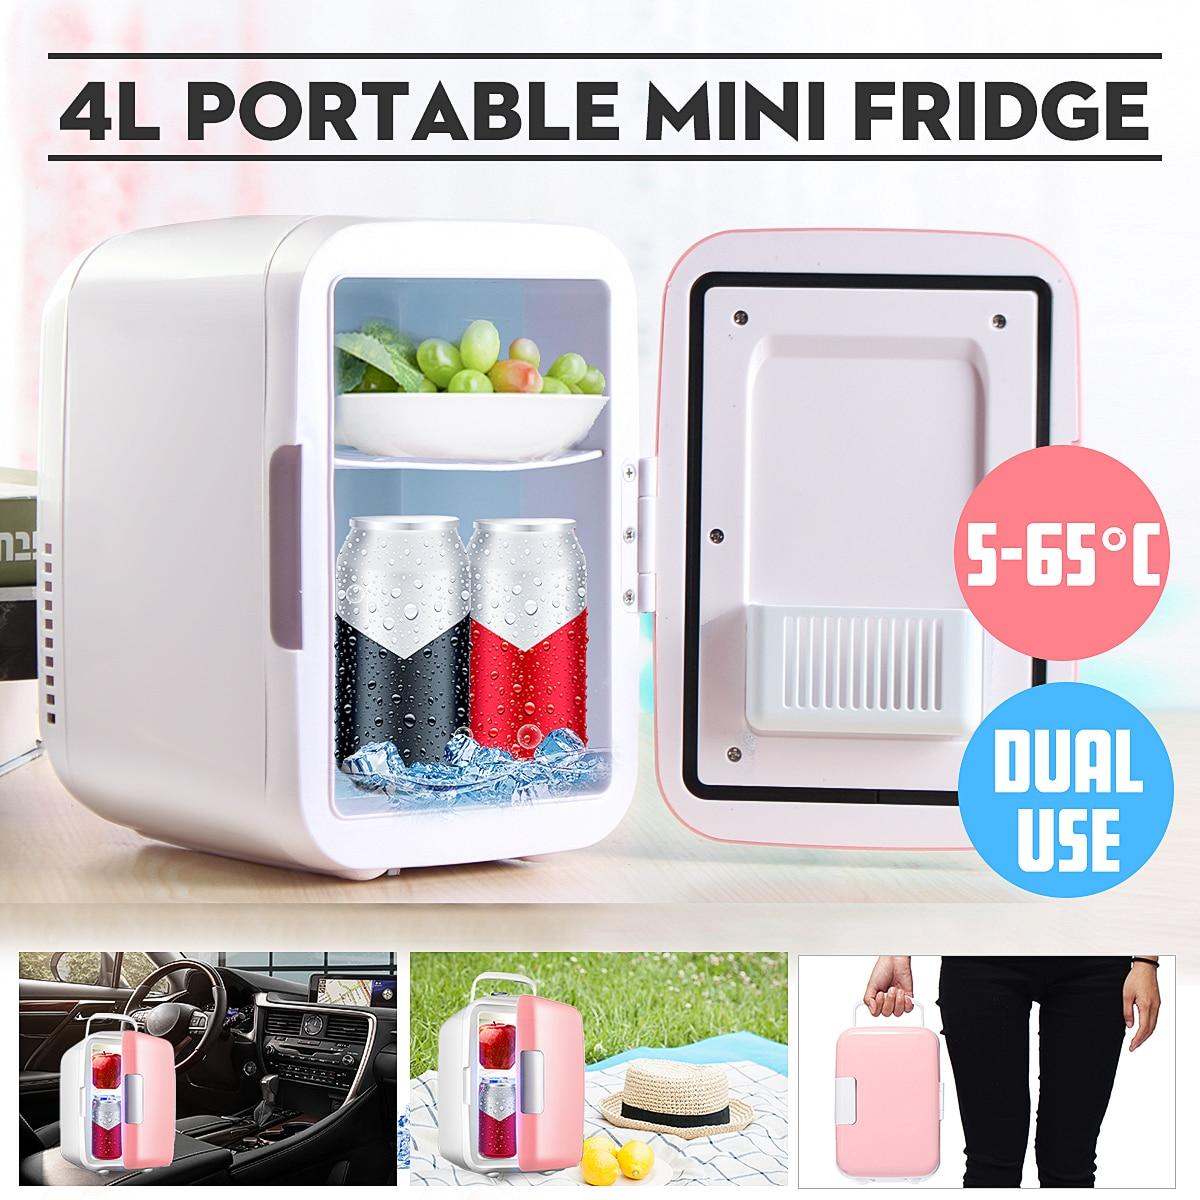 DC 12V 4L автомобильные холодильники Ultras тихий малошумный автомобиль мини холодильники морозильная камера охлаждающая нагревательная коробк...